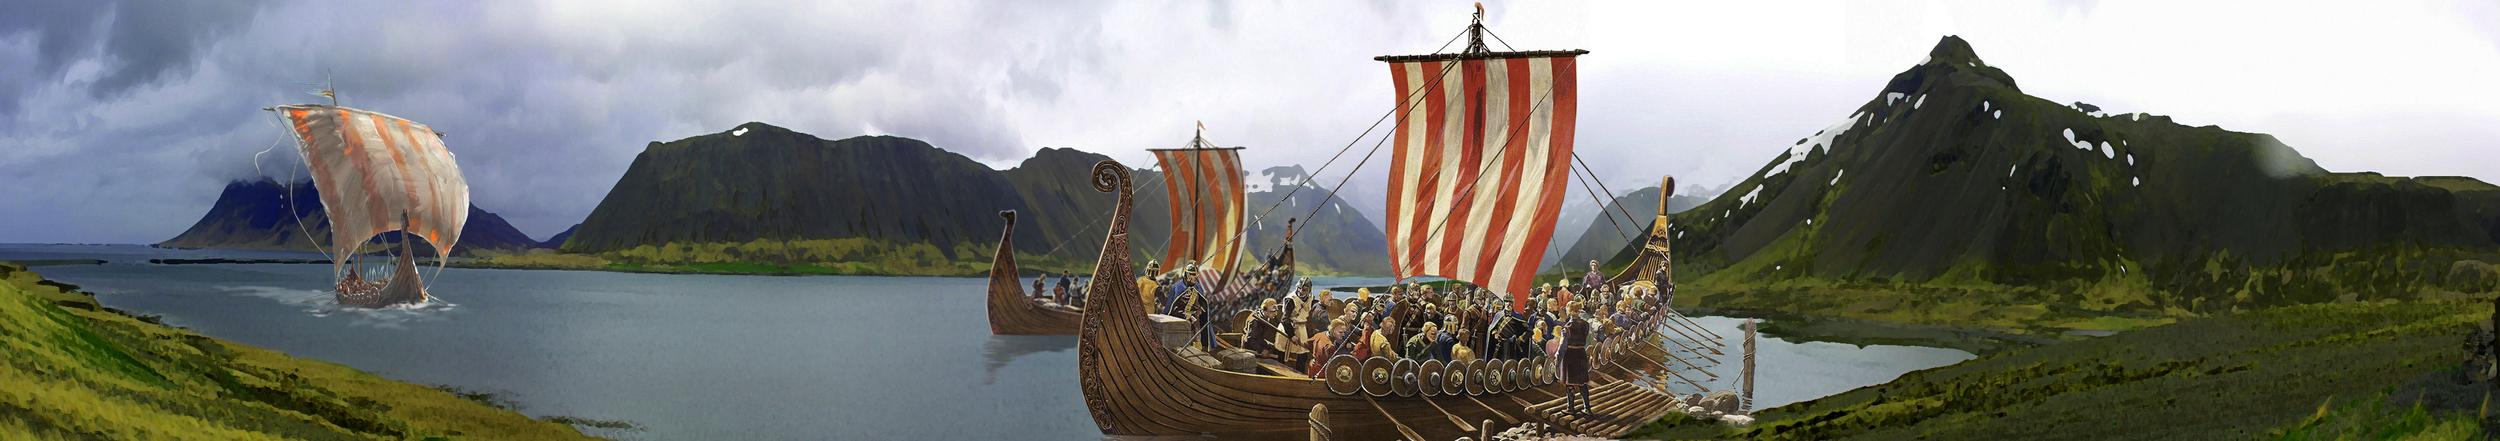 17 X 3 meter banner til Vikingefest for kunde